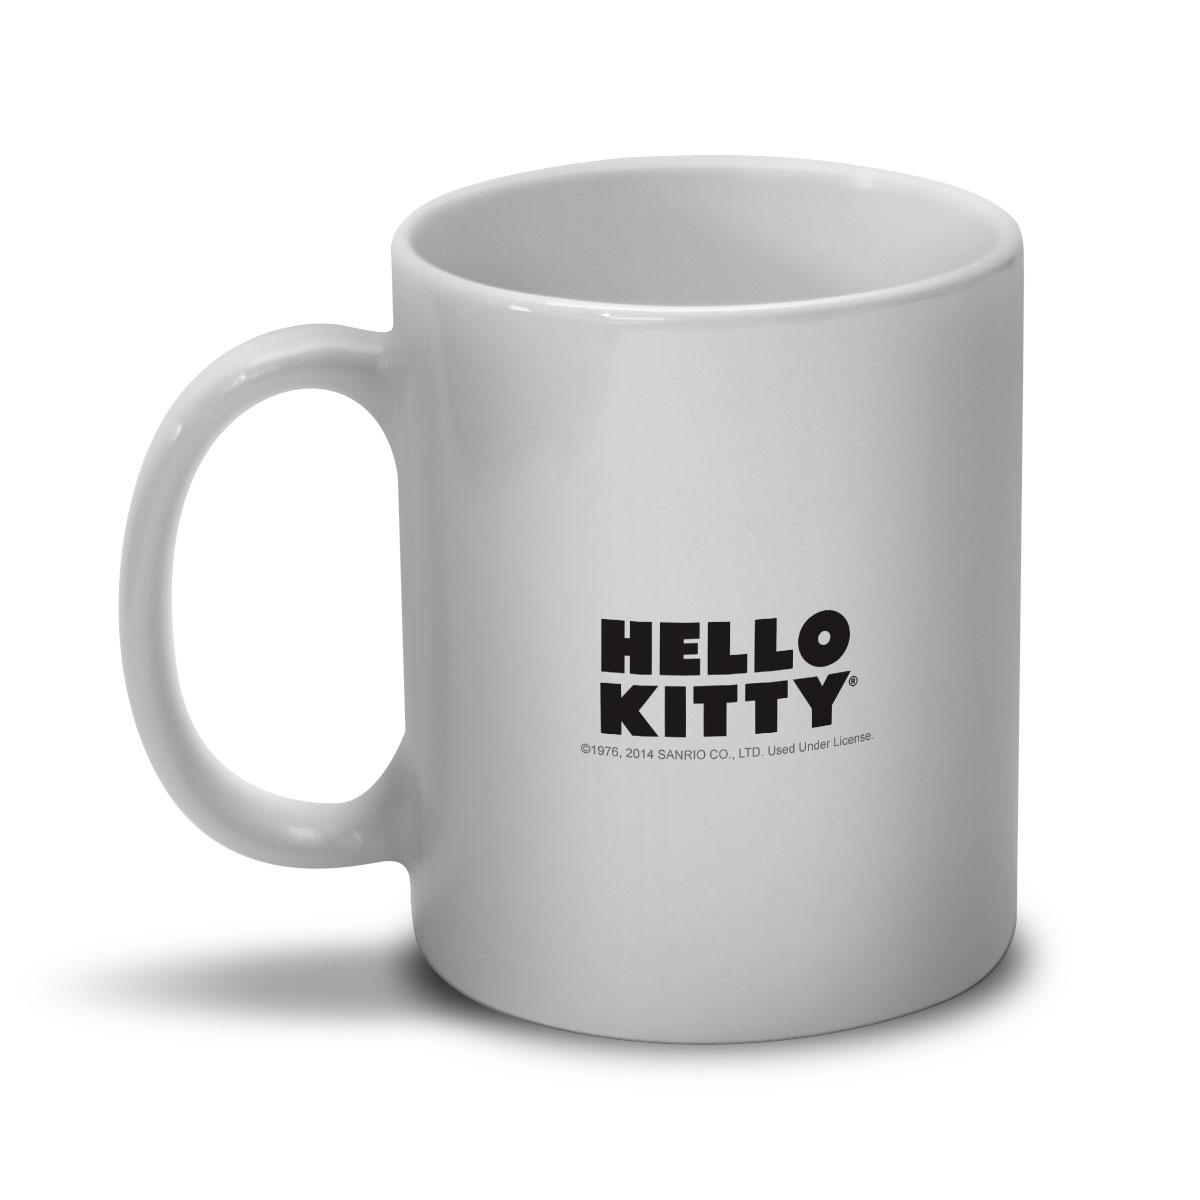 Caneca Hello Kitty Kitty White